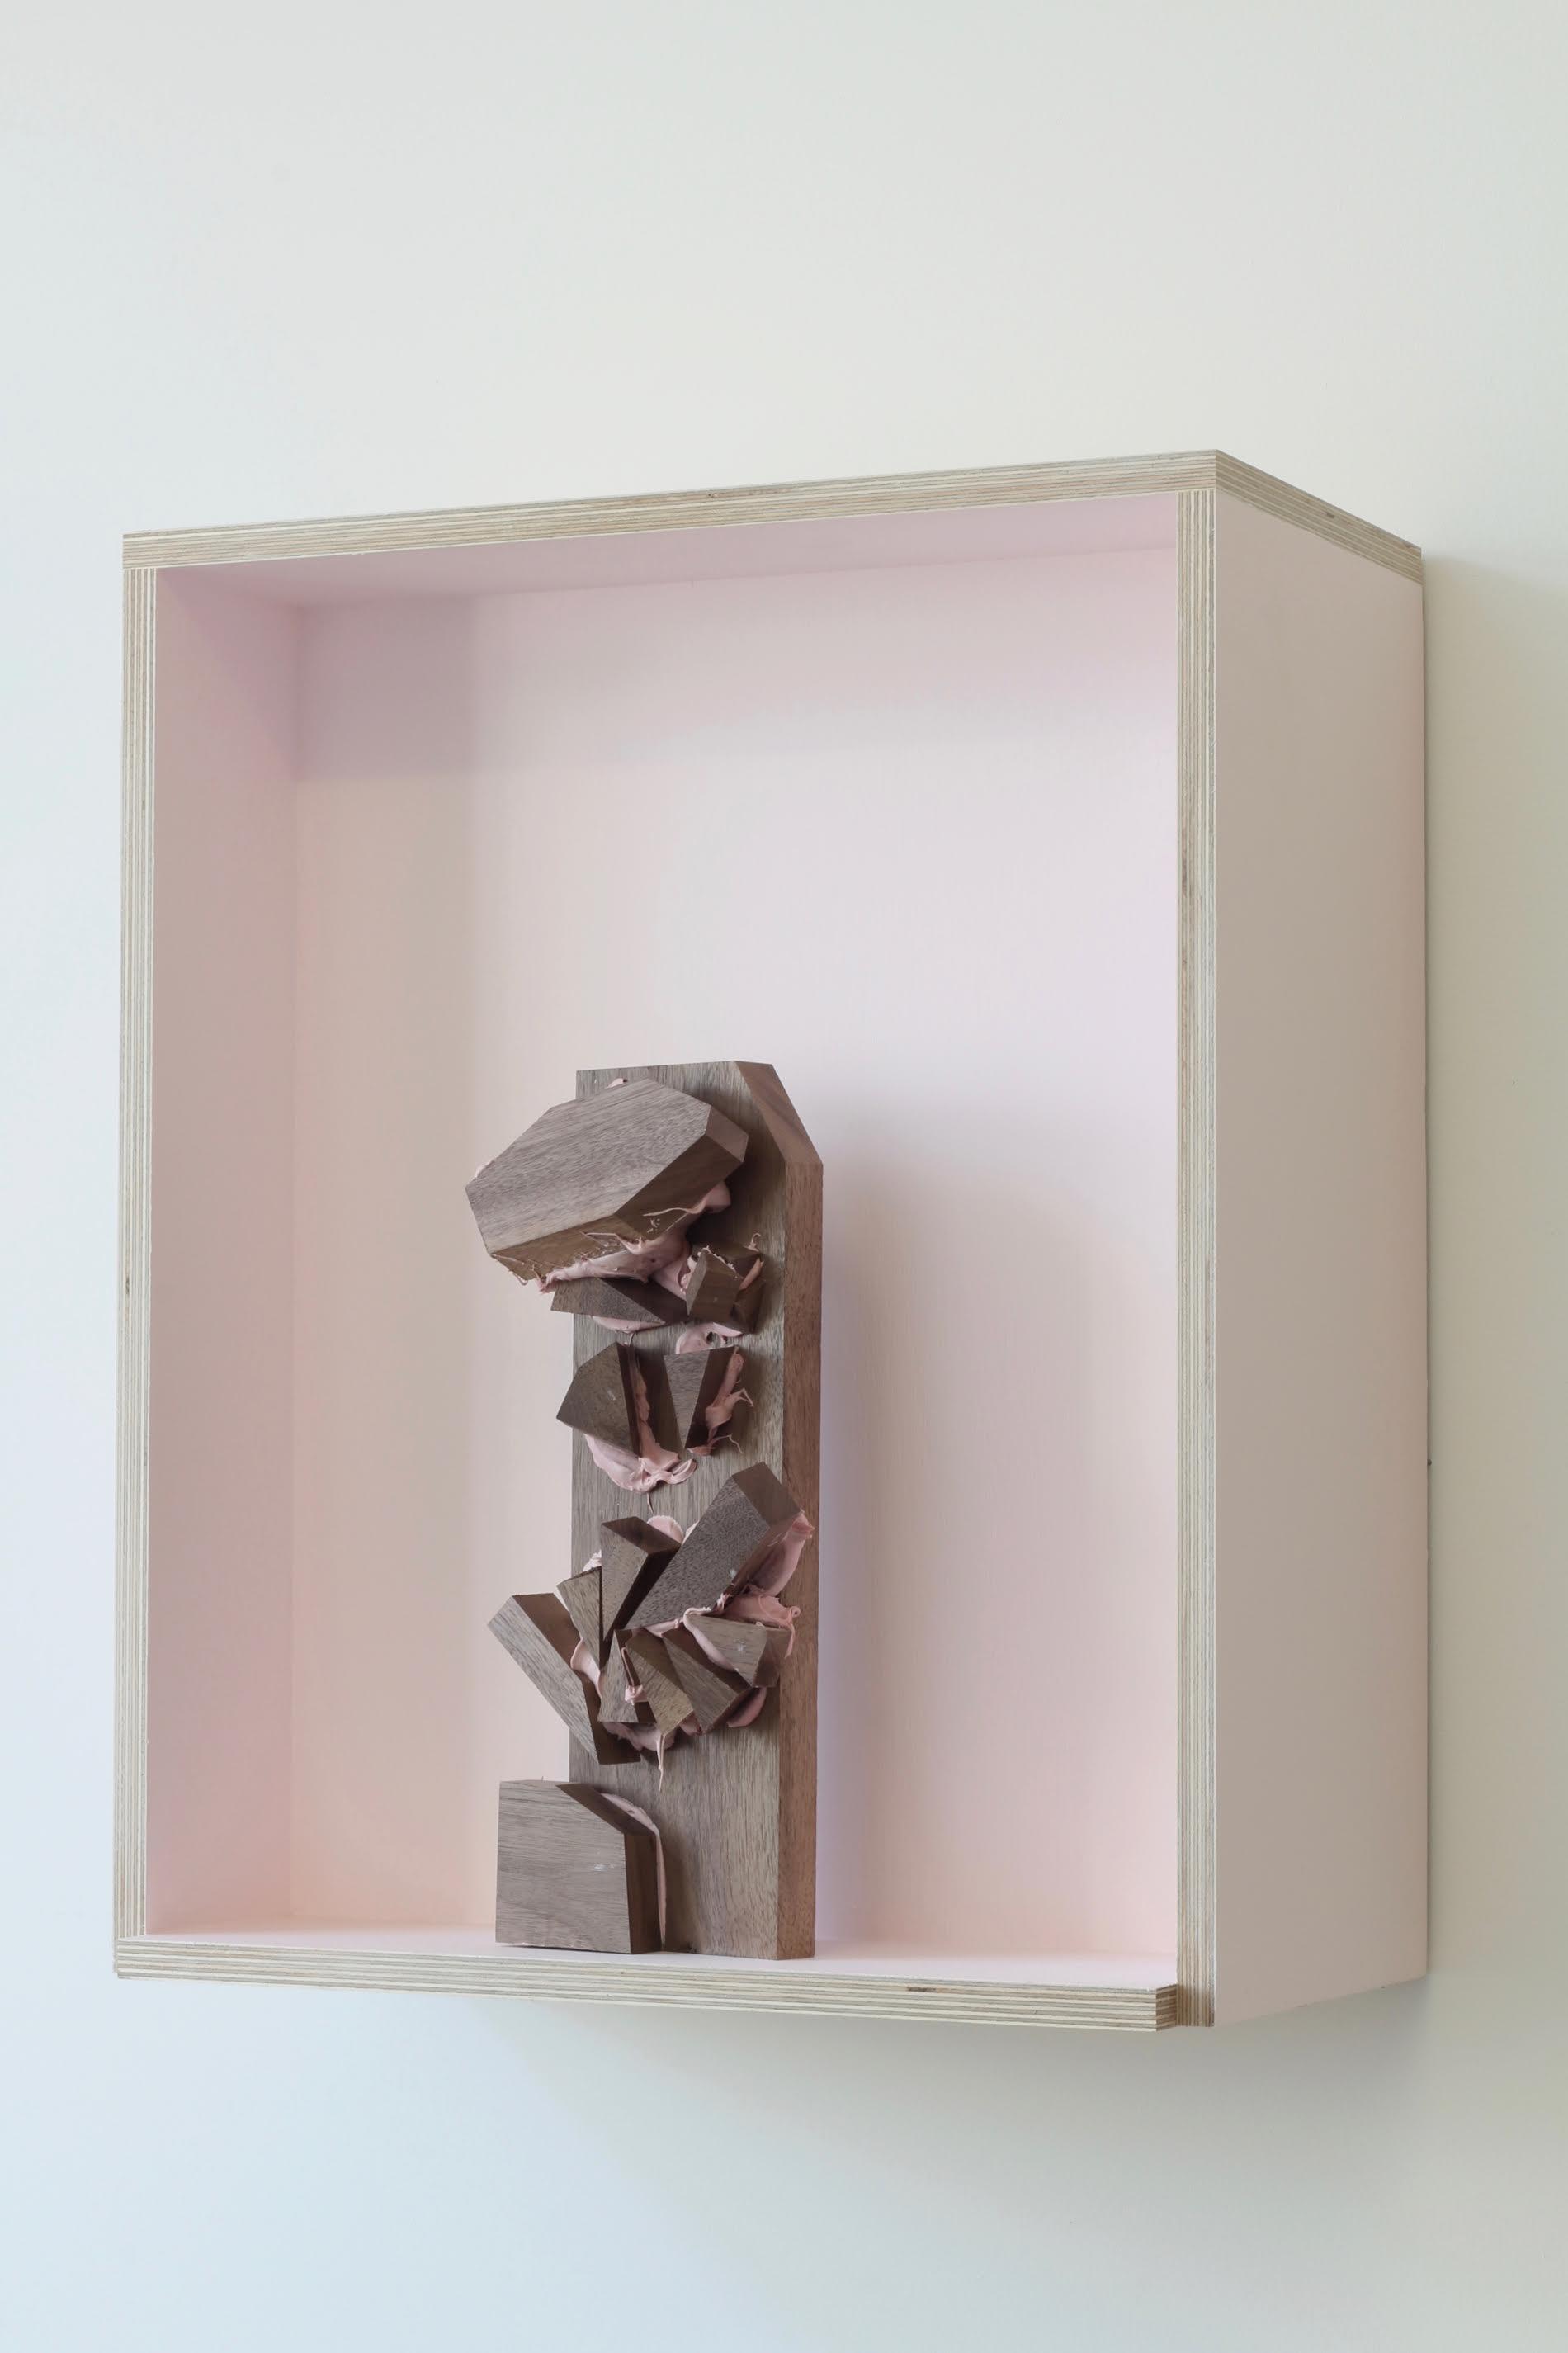 Oliver Tirré - Threshold, Filler on wood, emulsion on plywood, 2015 (Castor Projects)